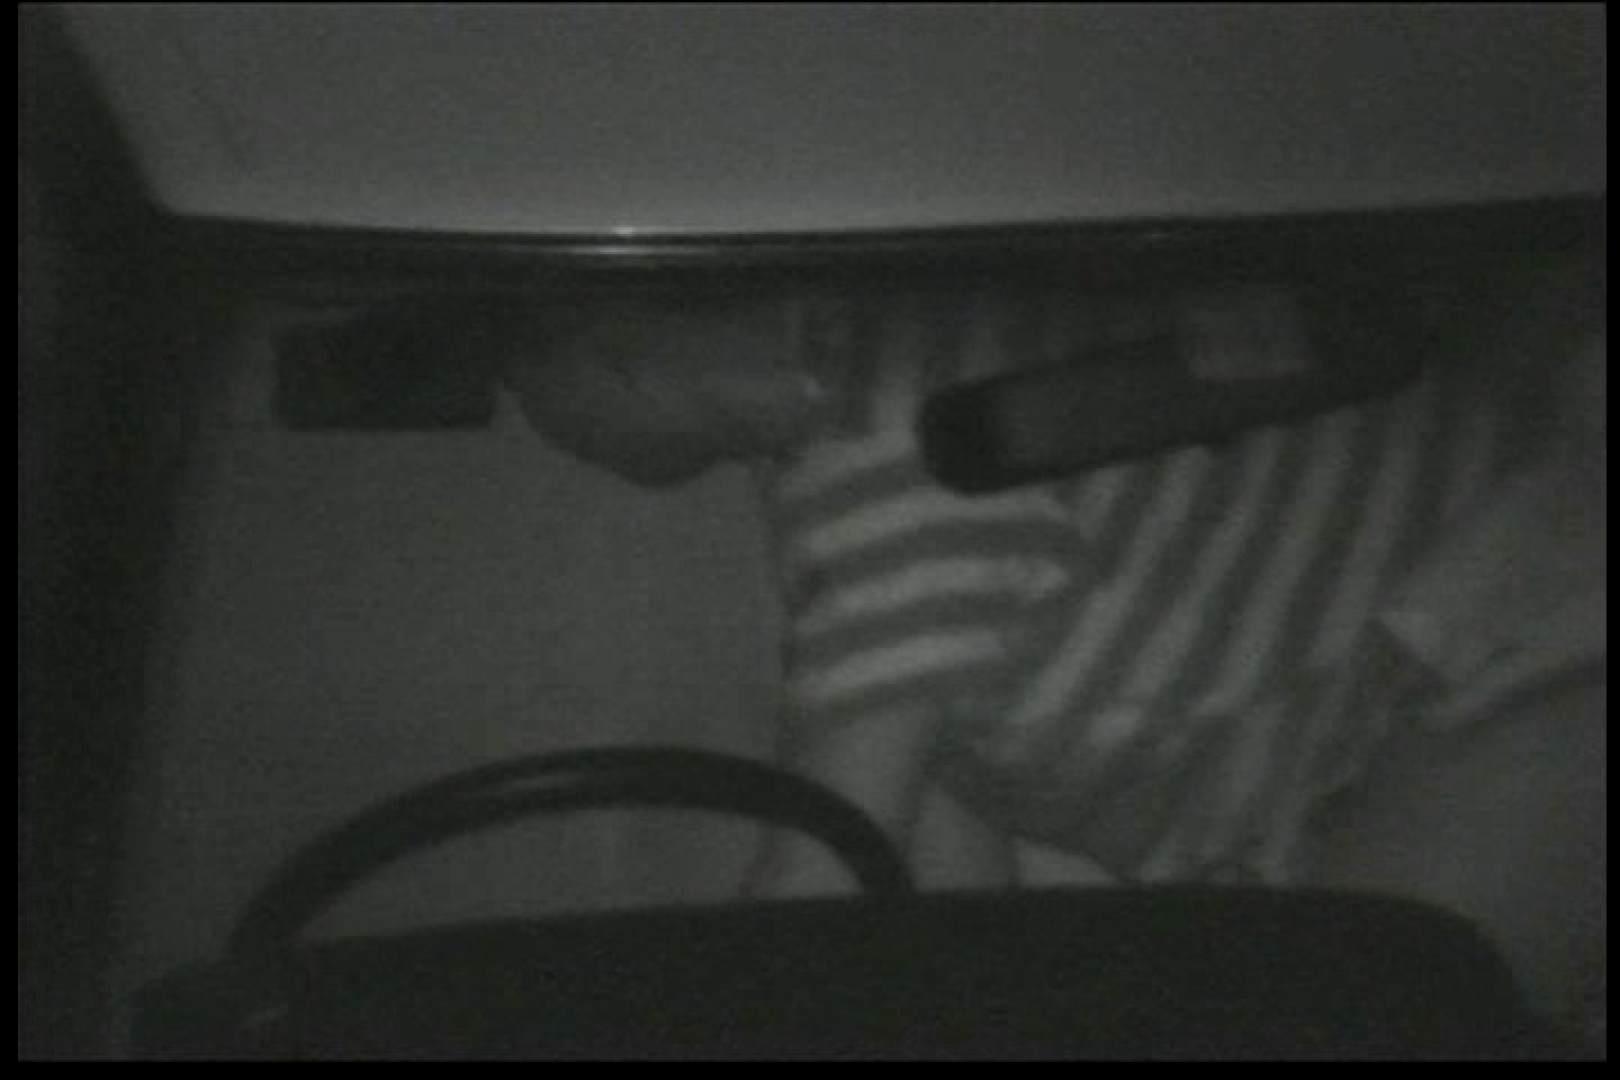 車の中はラブホテル 無修正版  Vol.12 OLの実態 盗撮ワレメ無修正動画無料 35pic 26